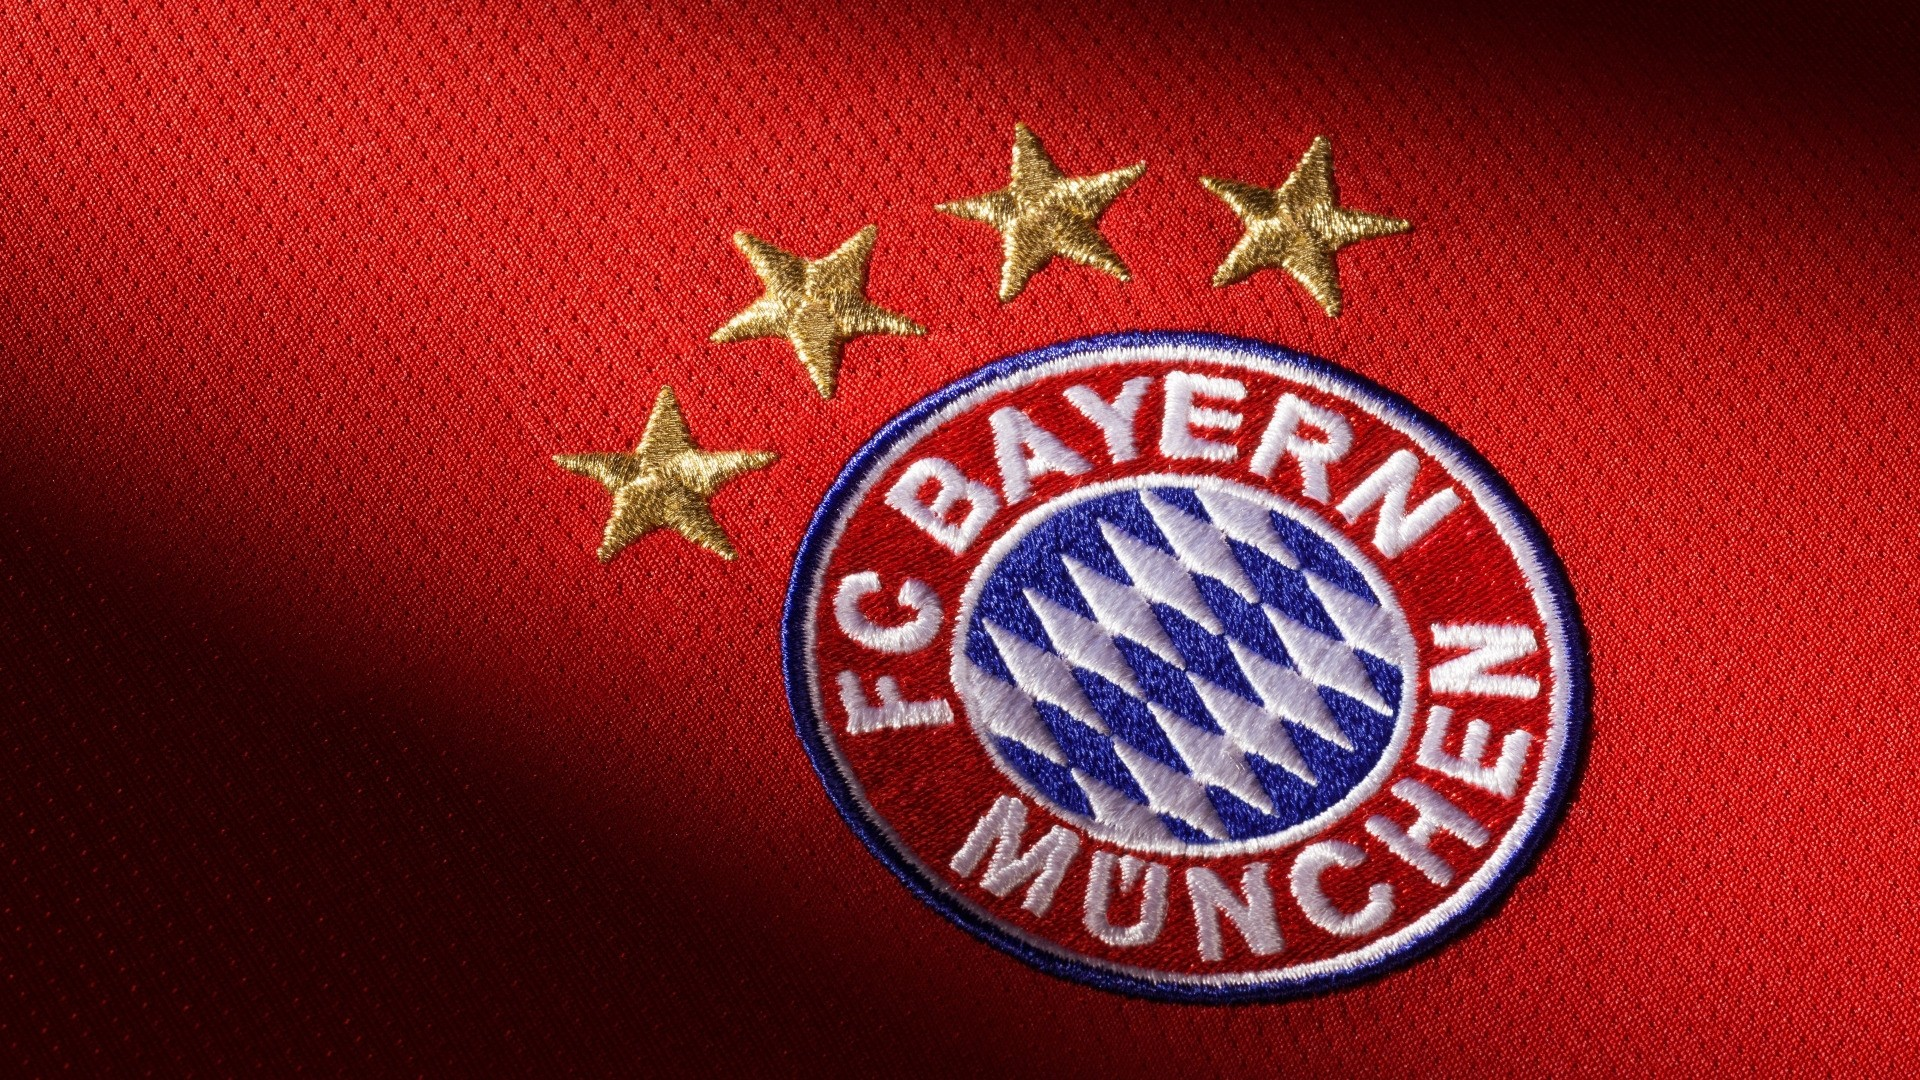 Bayern Munich Desktop Wallpaper